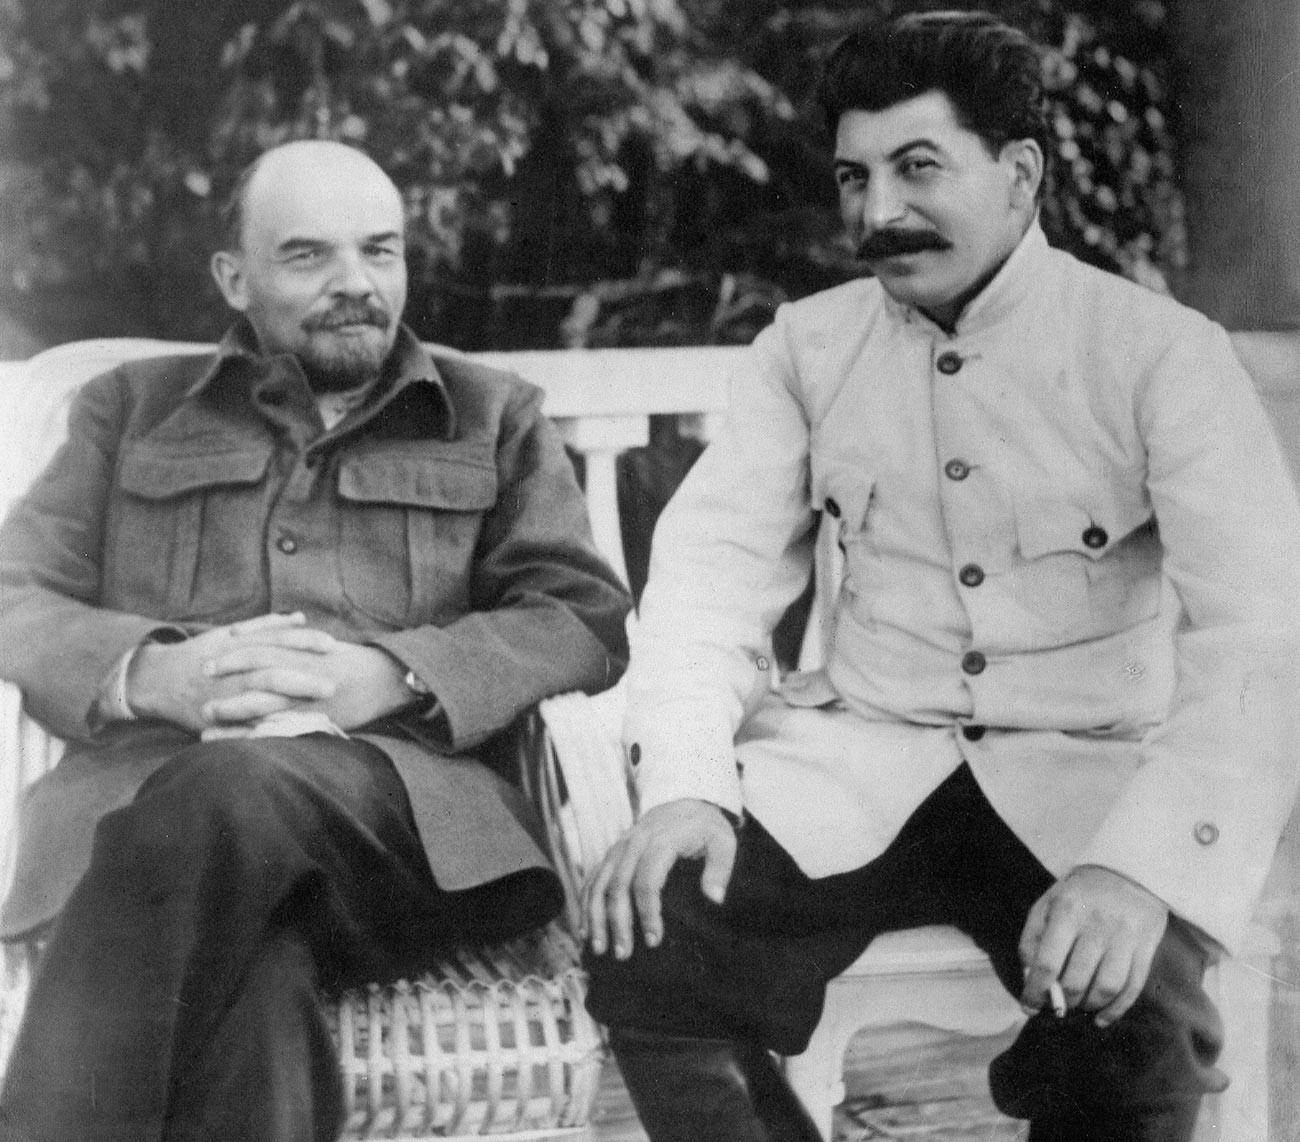 Wladimir Lenin and Josef Stalin